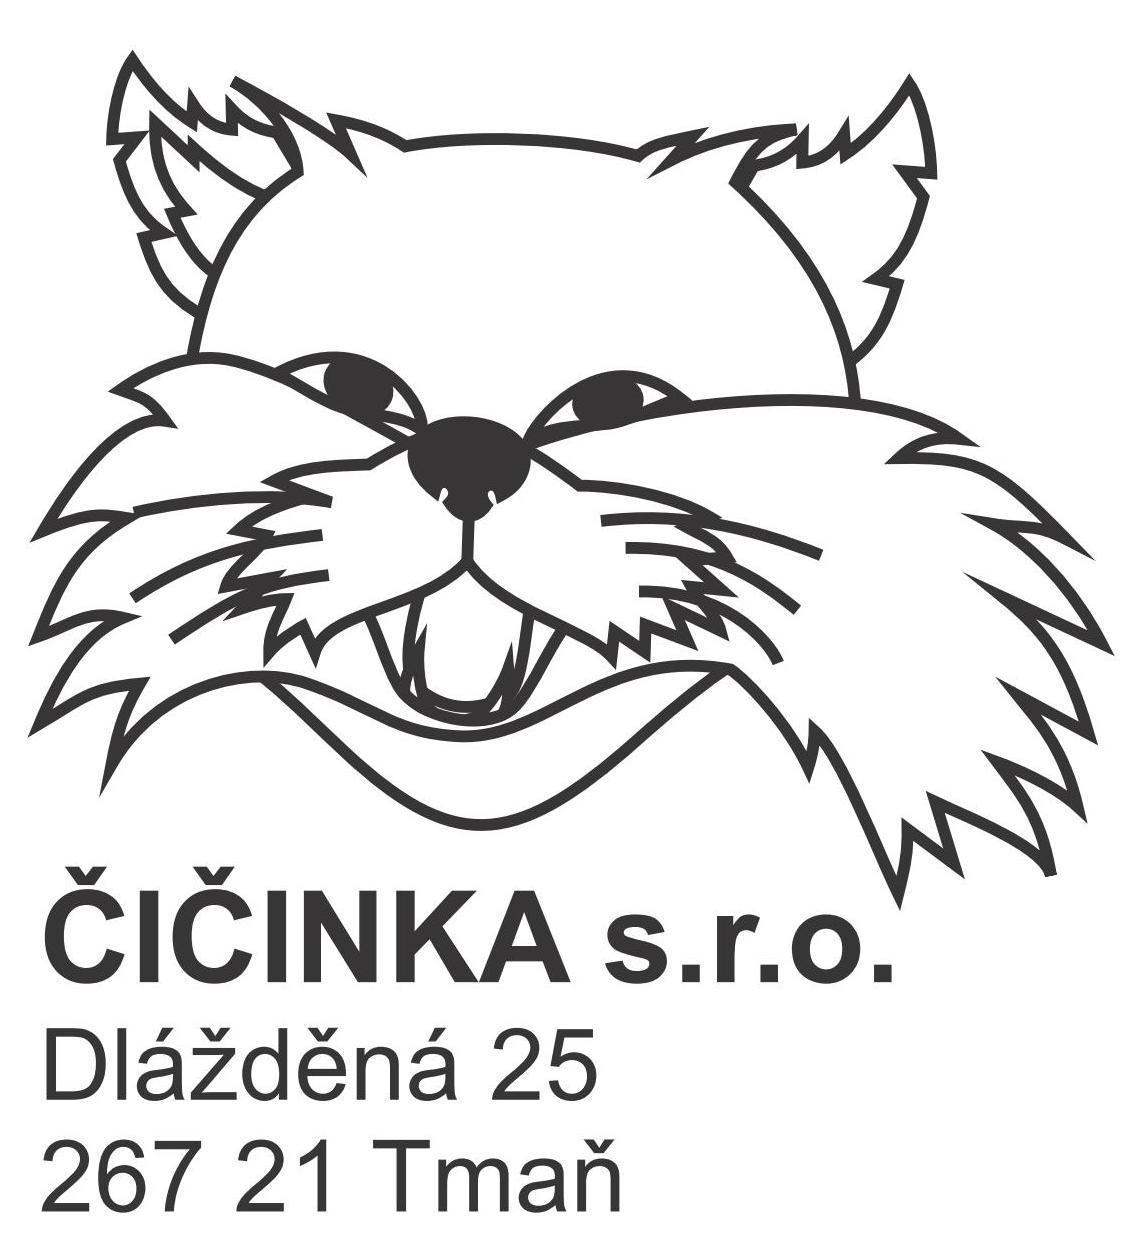 ČIČINKA s.r.o.